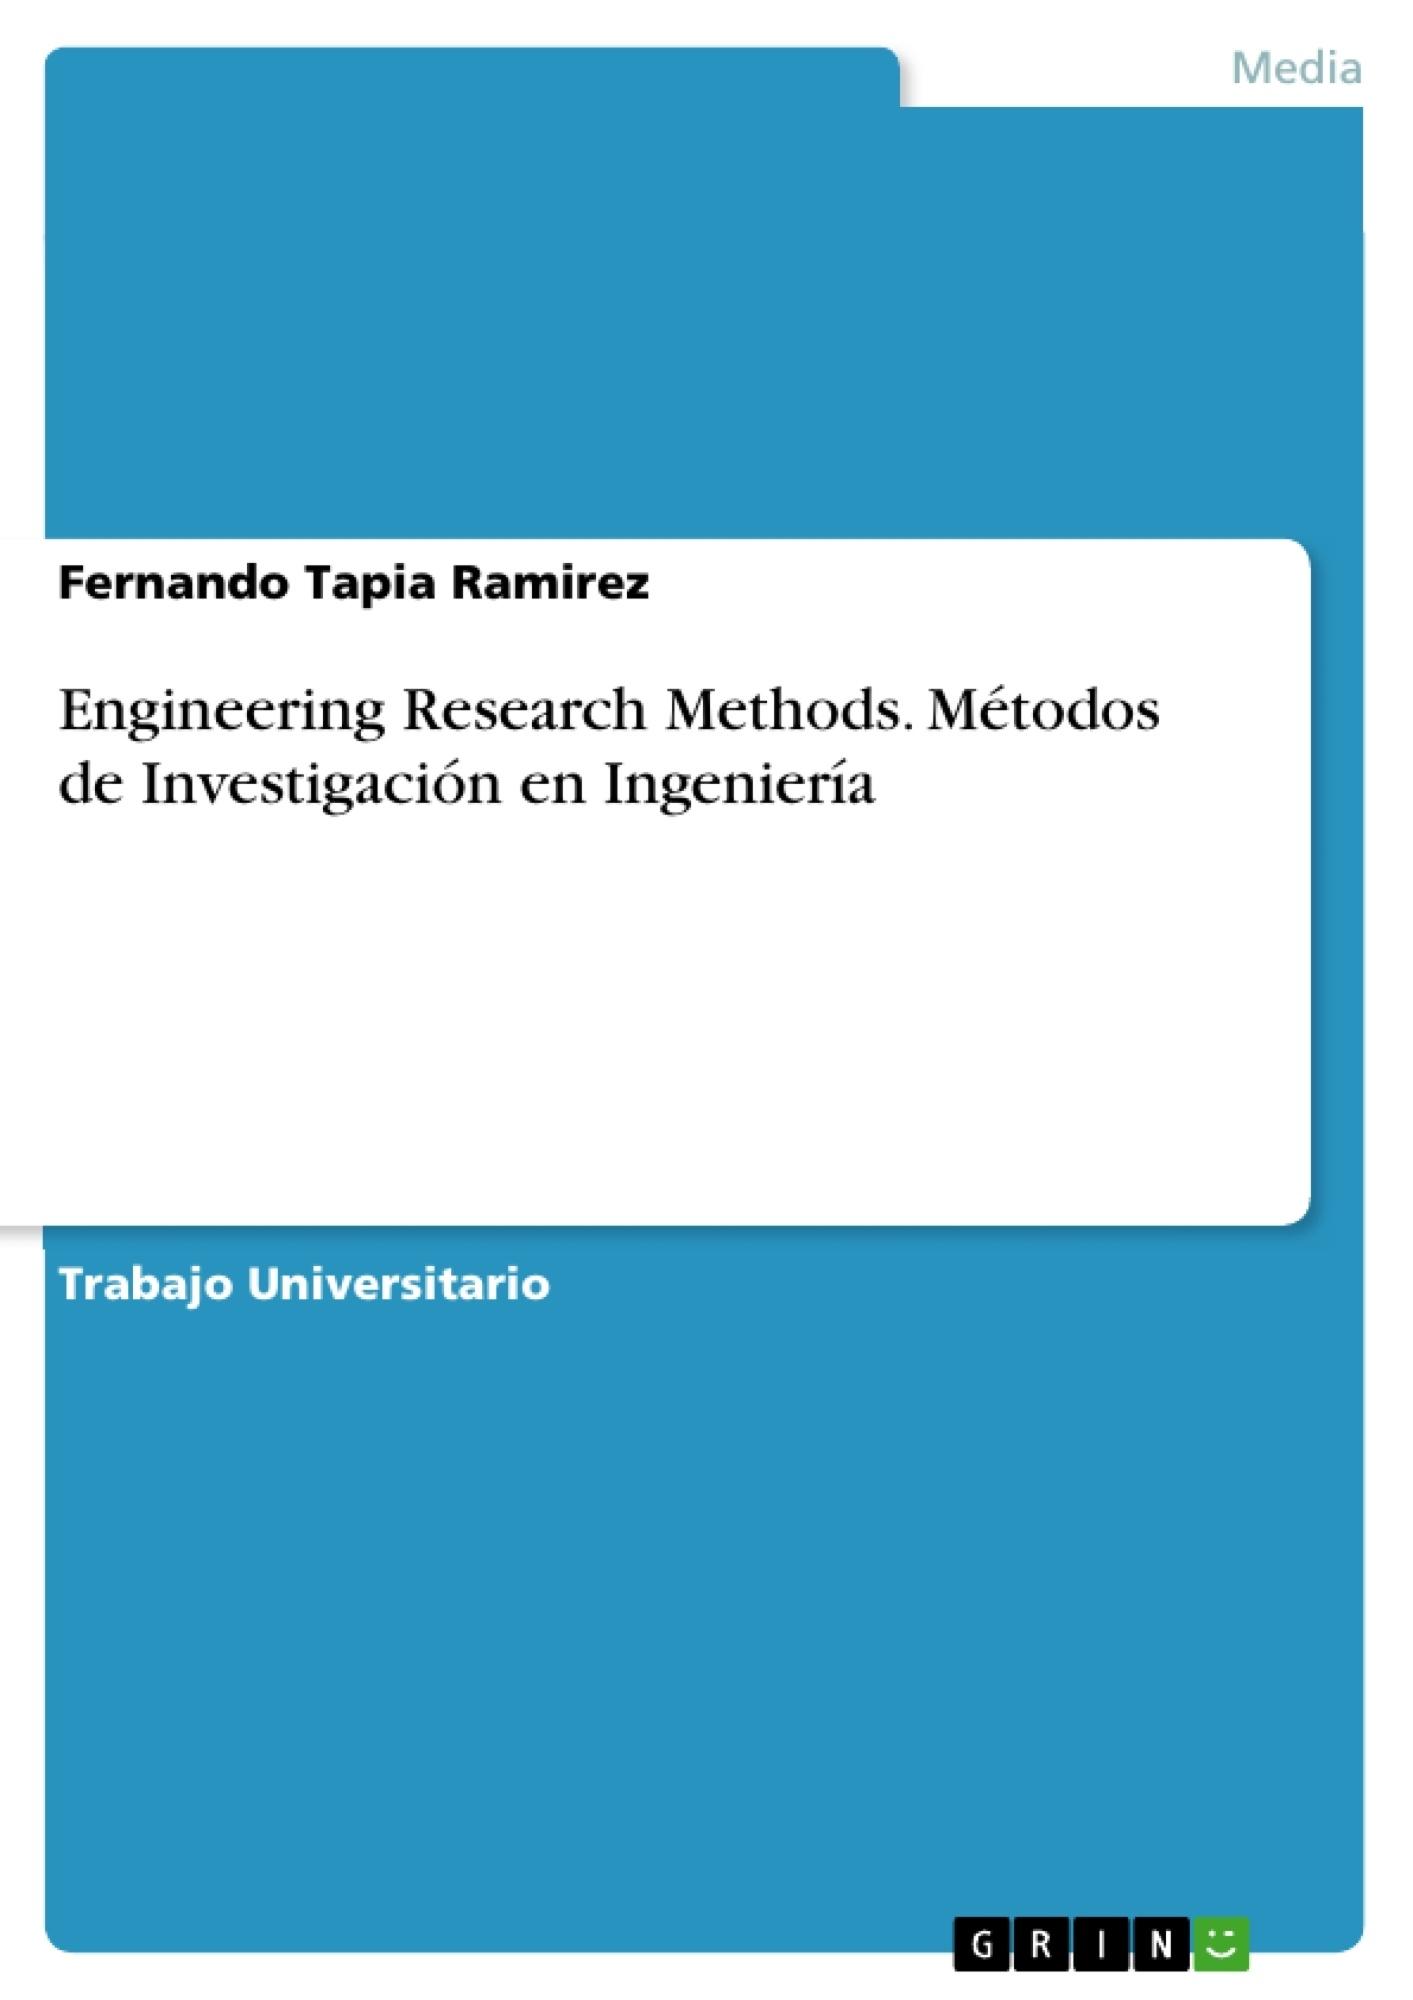 Título: Engineering Research Methods. Métodos de Investigación en Ingeniería